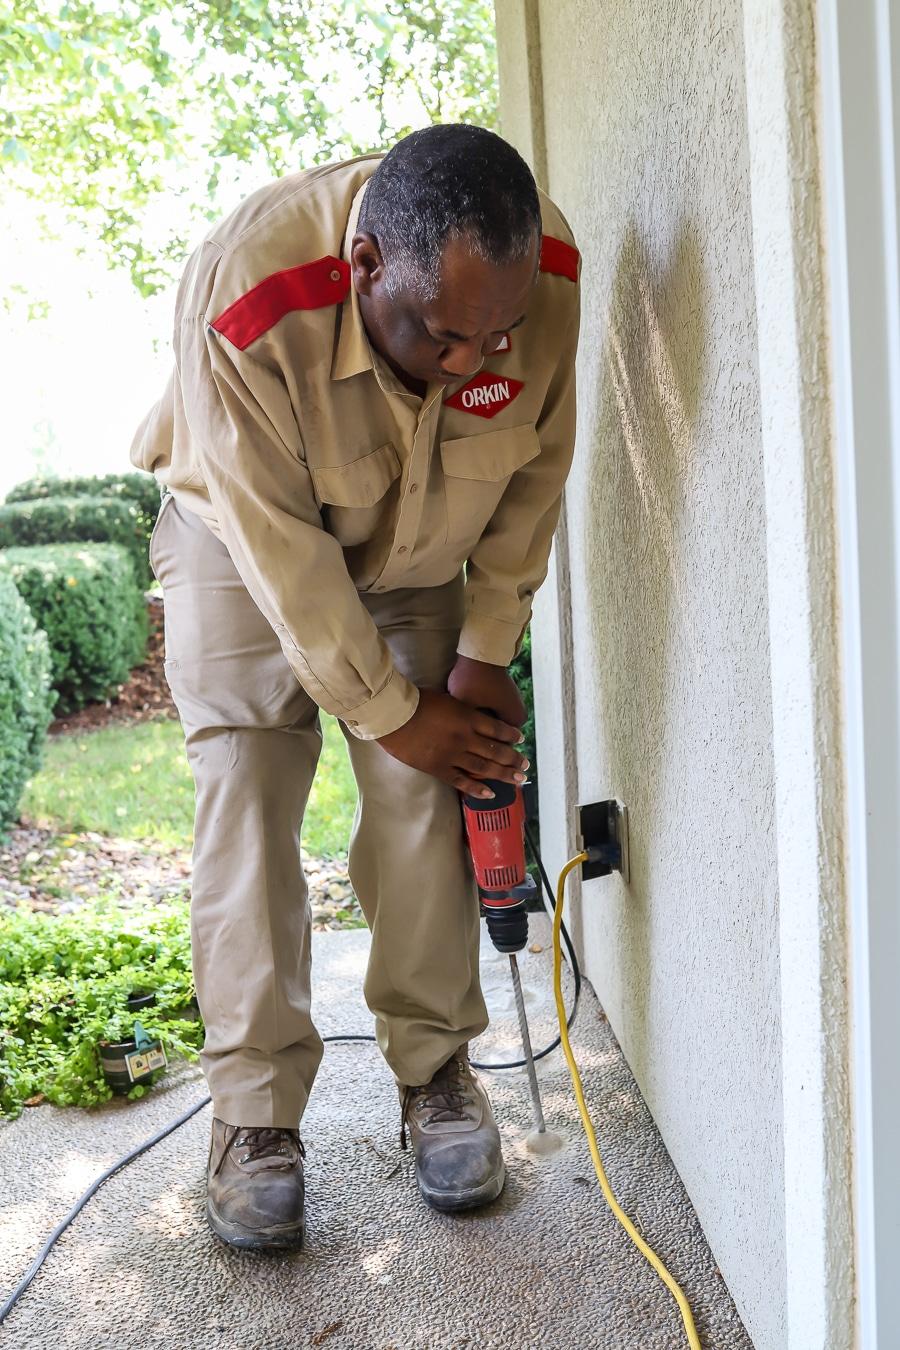 Orkin pest control termite prevention treatment